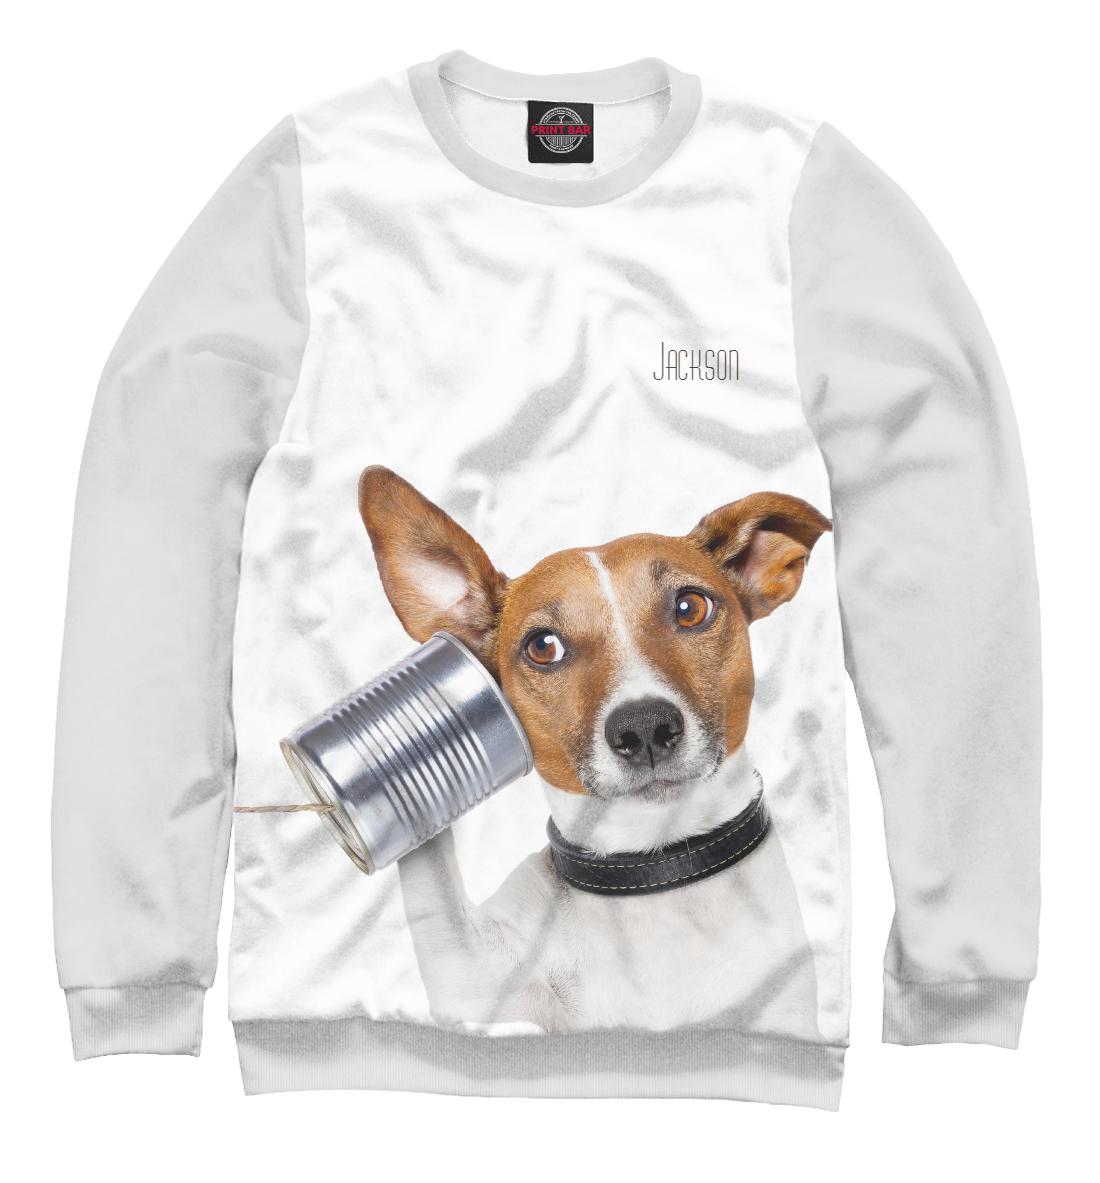 Купить Джек-рассел, Printbar, Свитшоты, DOG-552841-swi-2